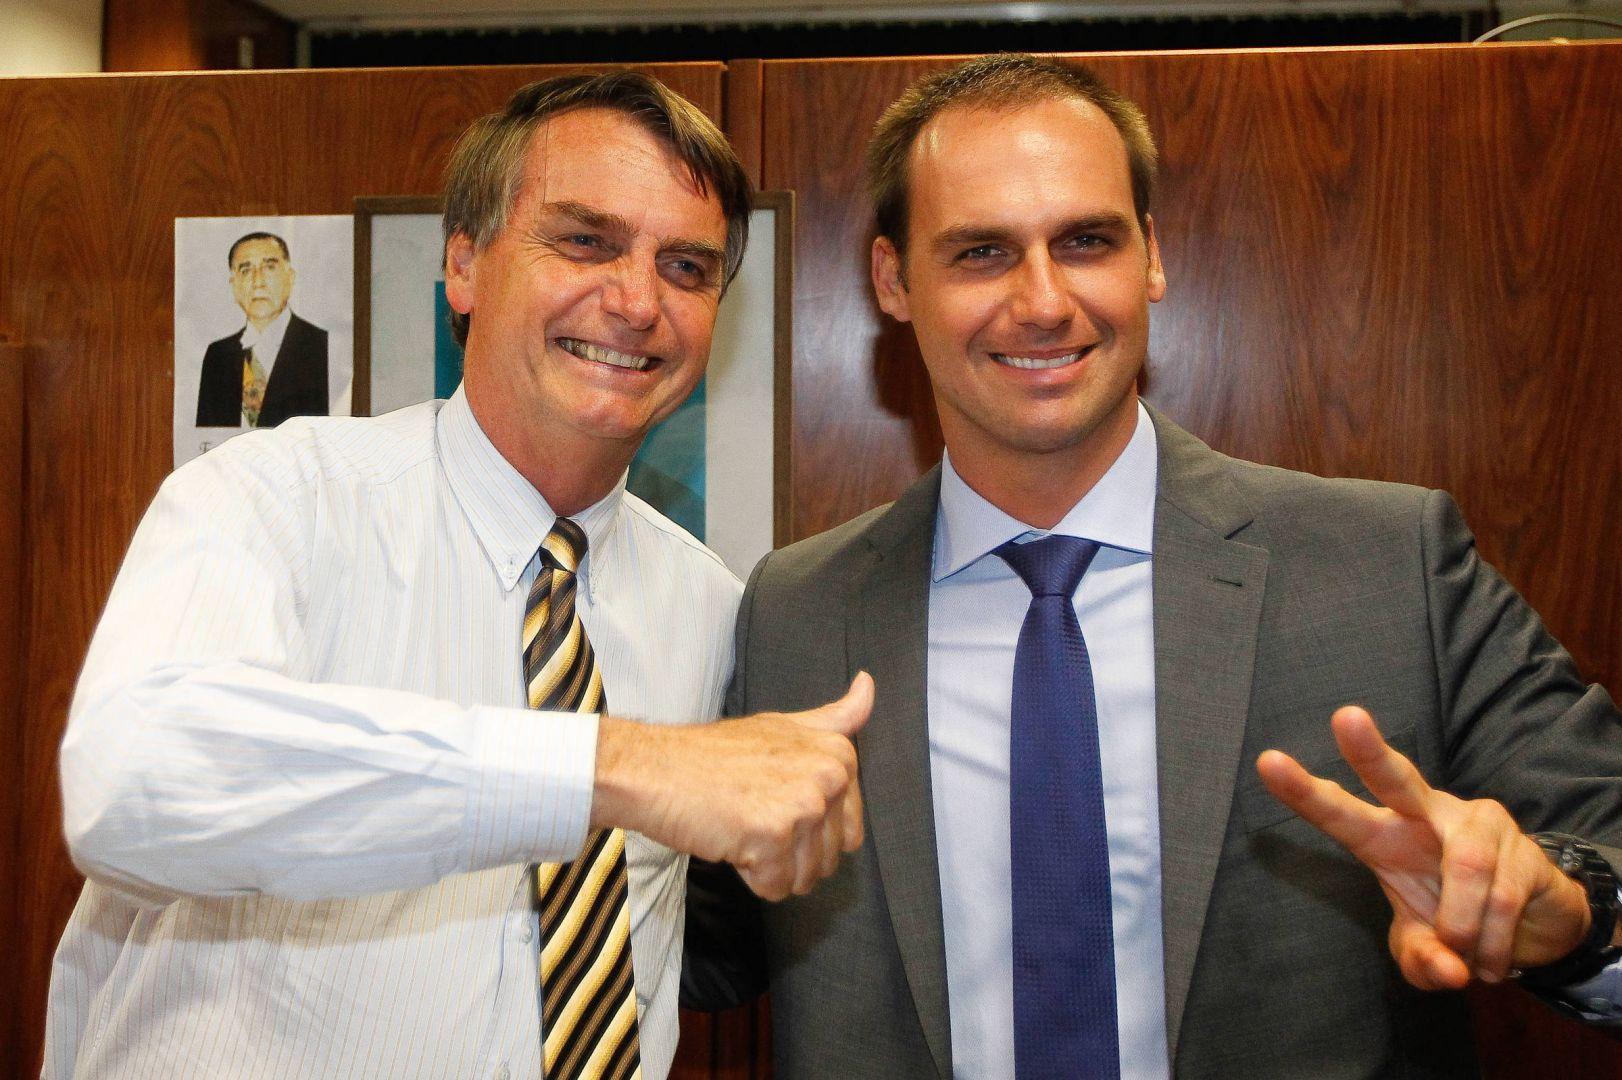 El hijo del presidente brasileño sigue la tendencia familiar de ir contra las medidas sanitarias.